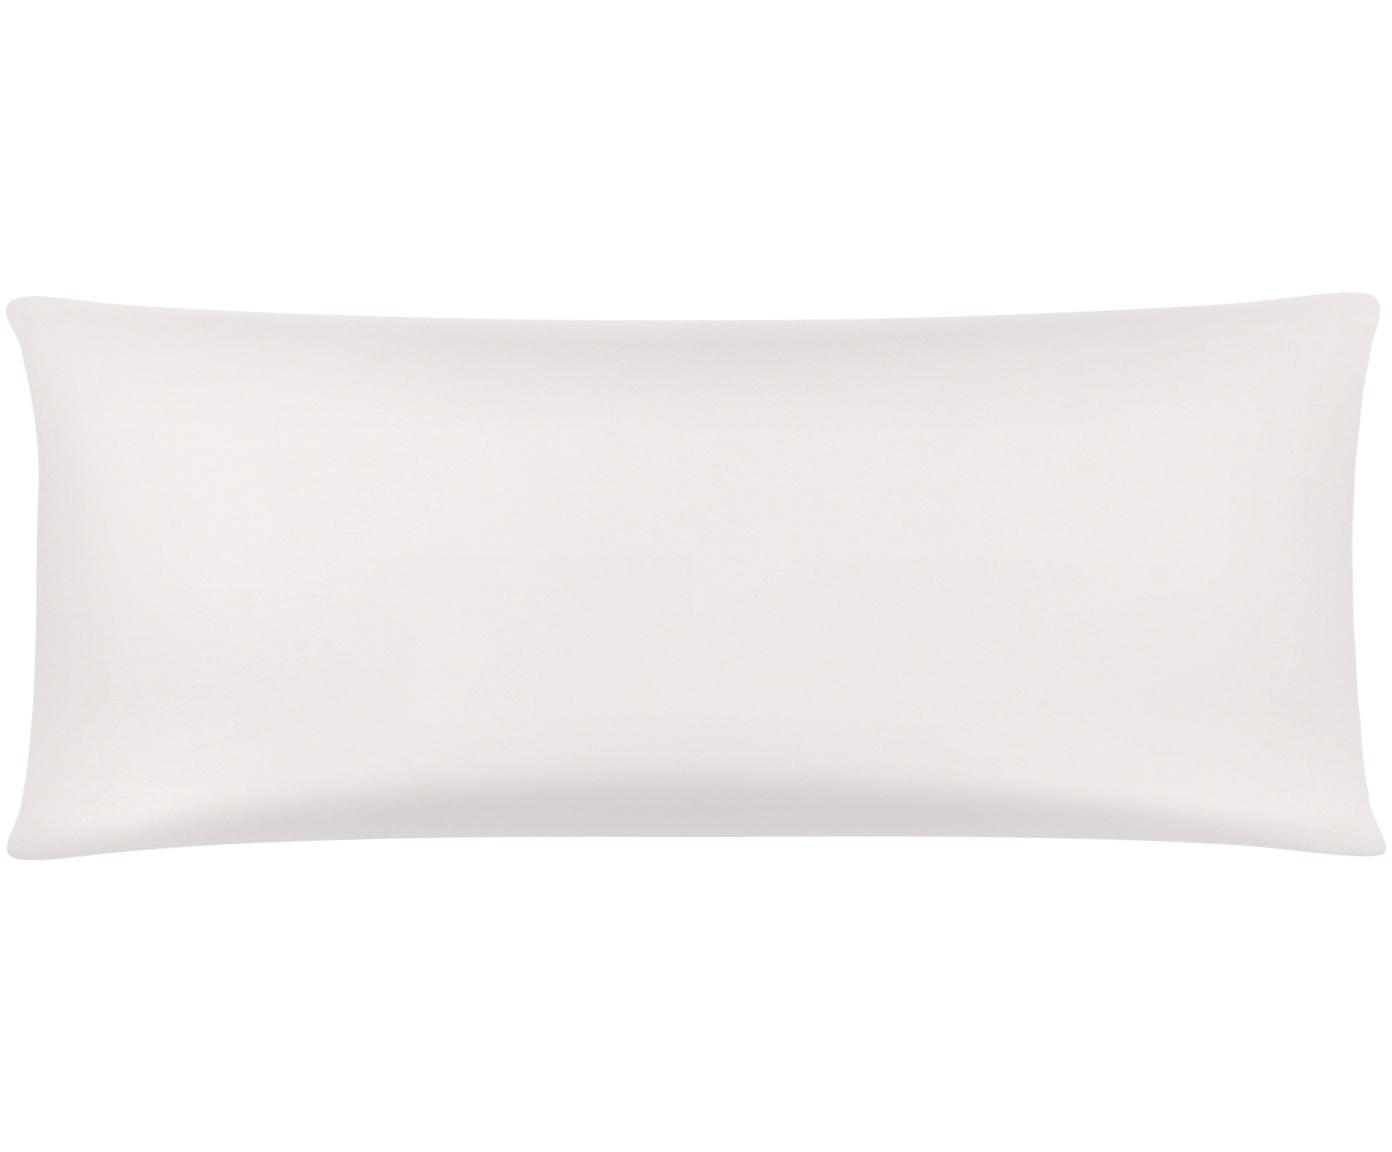 Funda de almohada de satén Comfort, Rosa, An 45 x L 110 cm